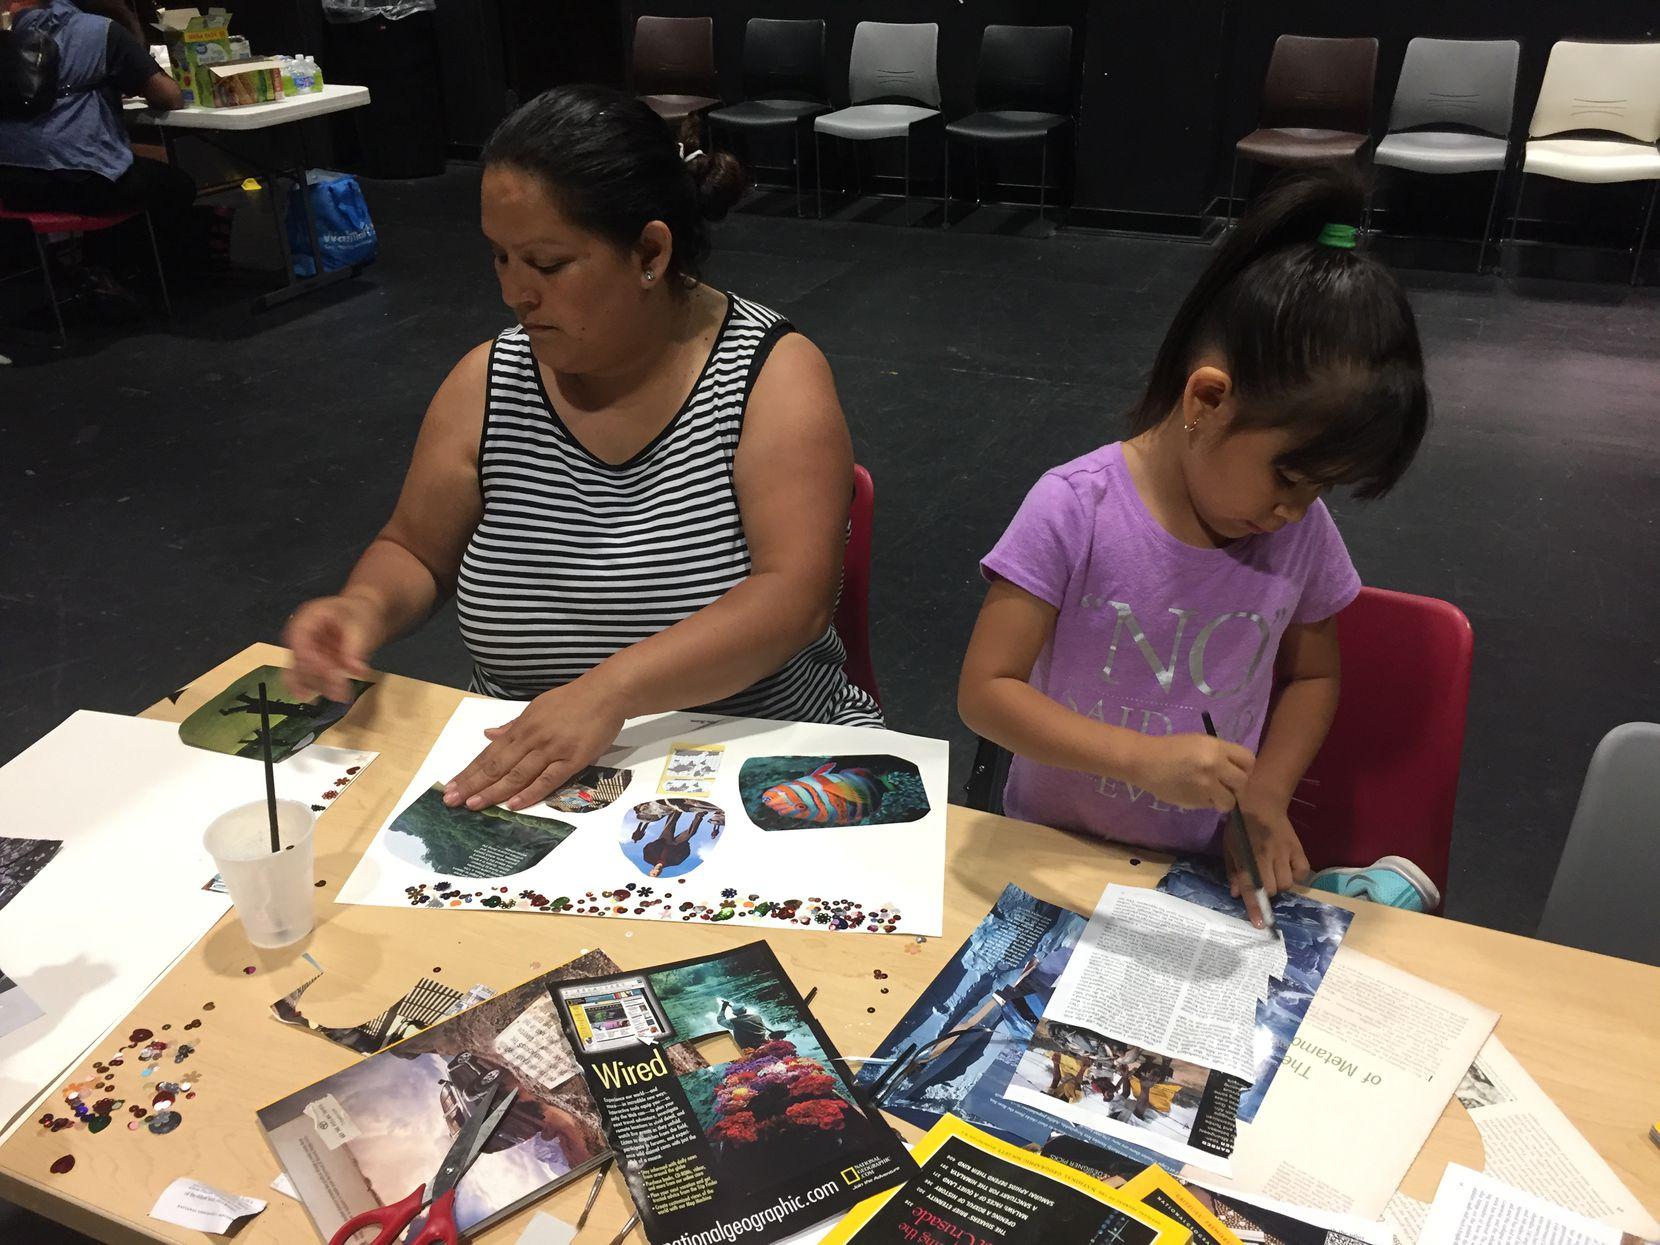 Alma Salas, originaria de Zacatecas (izq.), quiso participar en la composición de peomas visuales con su hija Alexa Salas de 4 años.(CARMINA TISCAREÑO/AL DÍA)